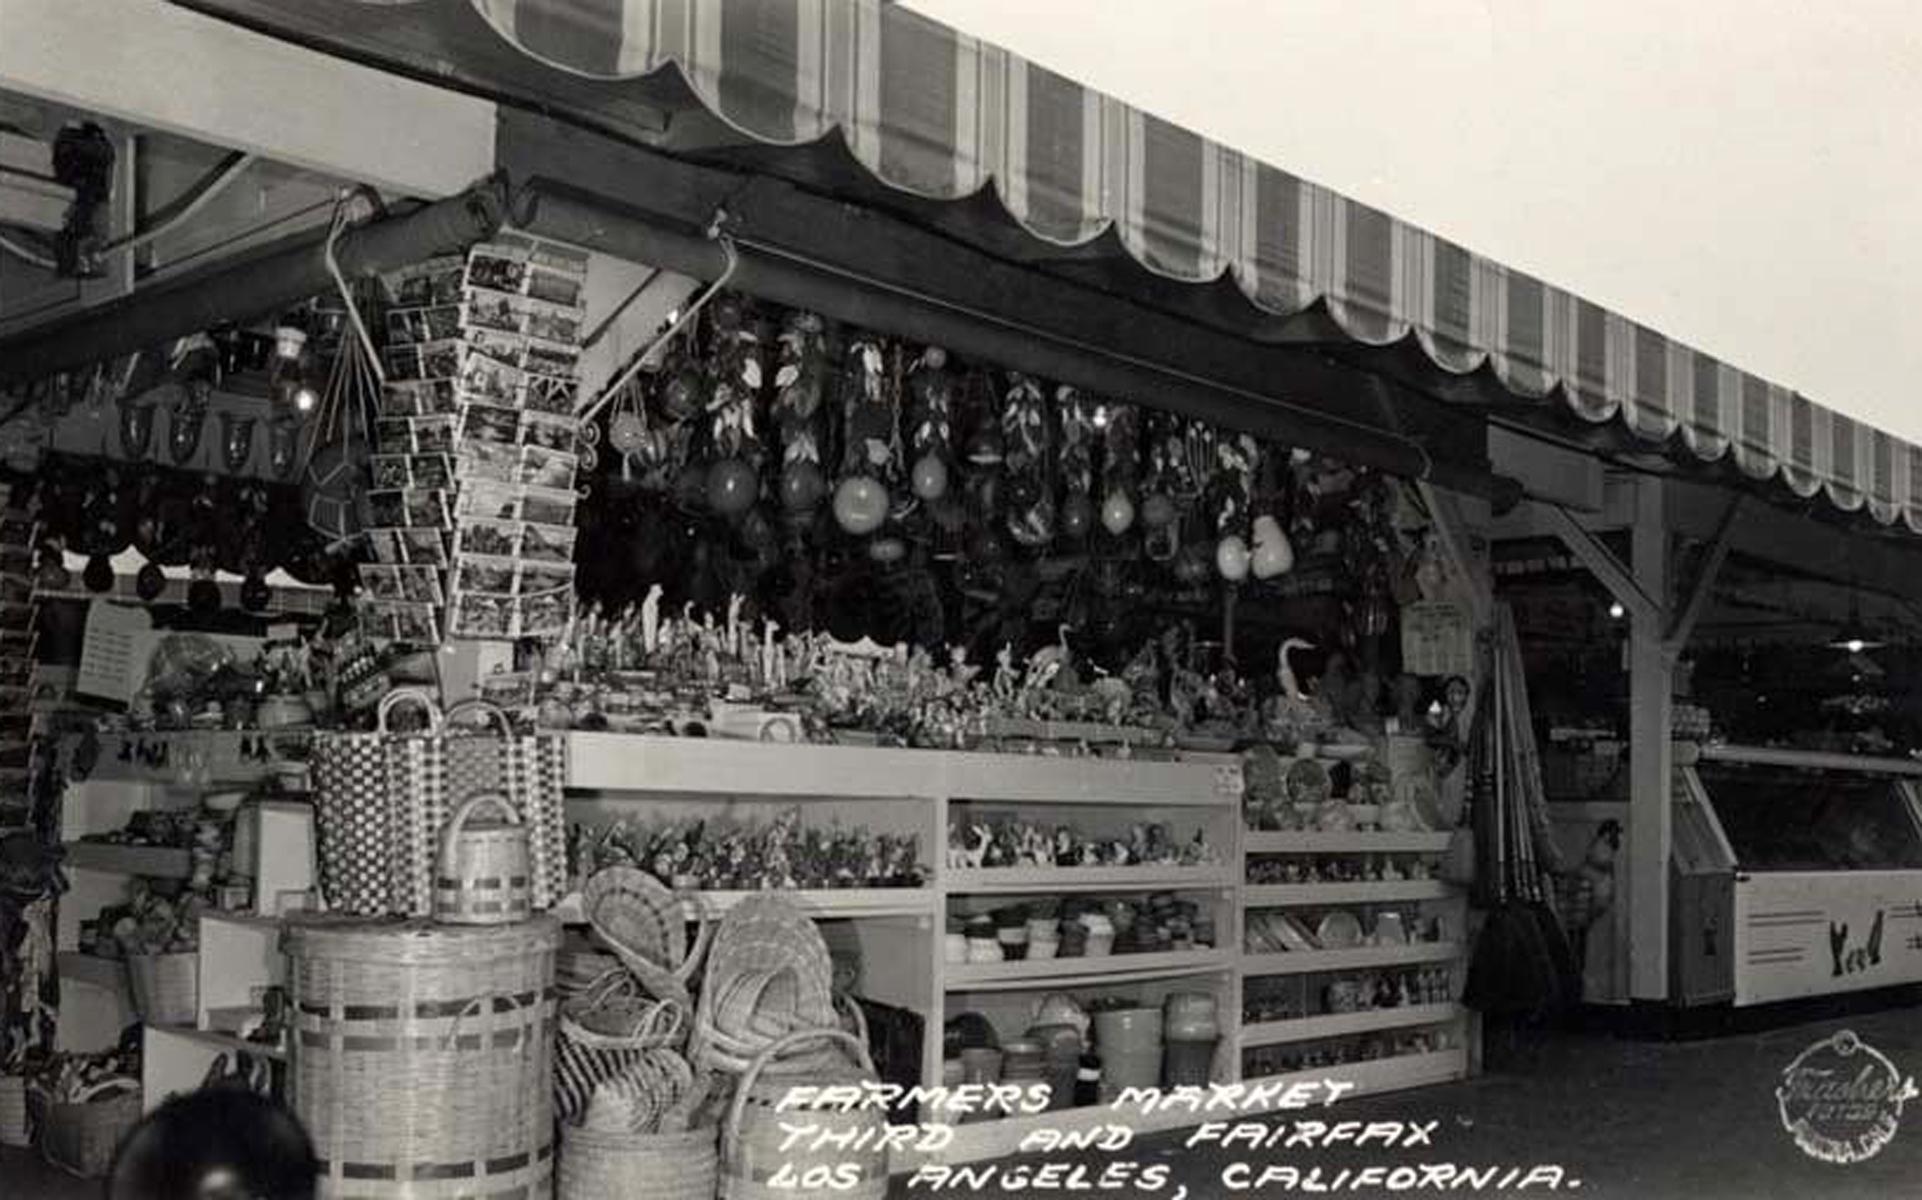 Farmers Market 1947